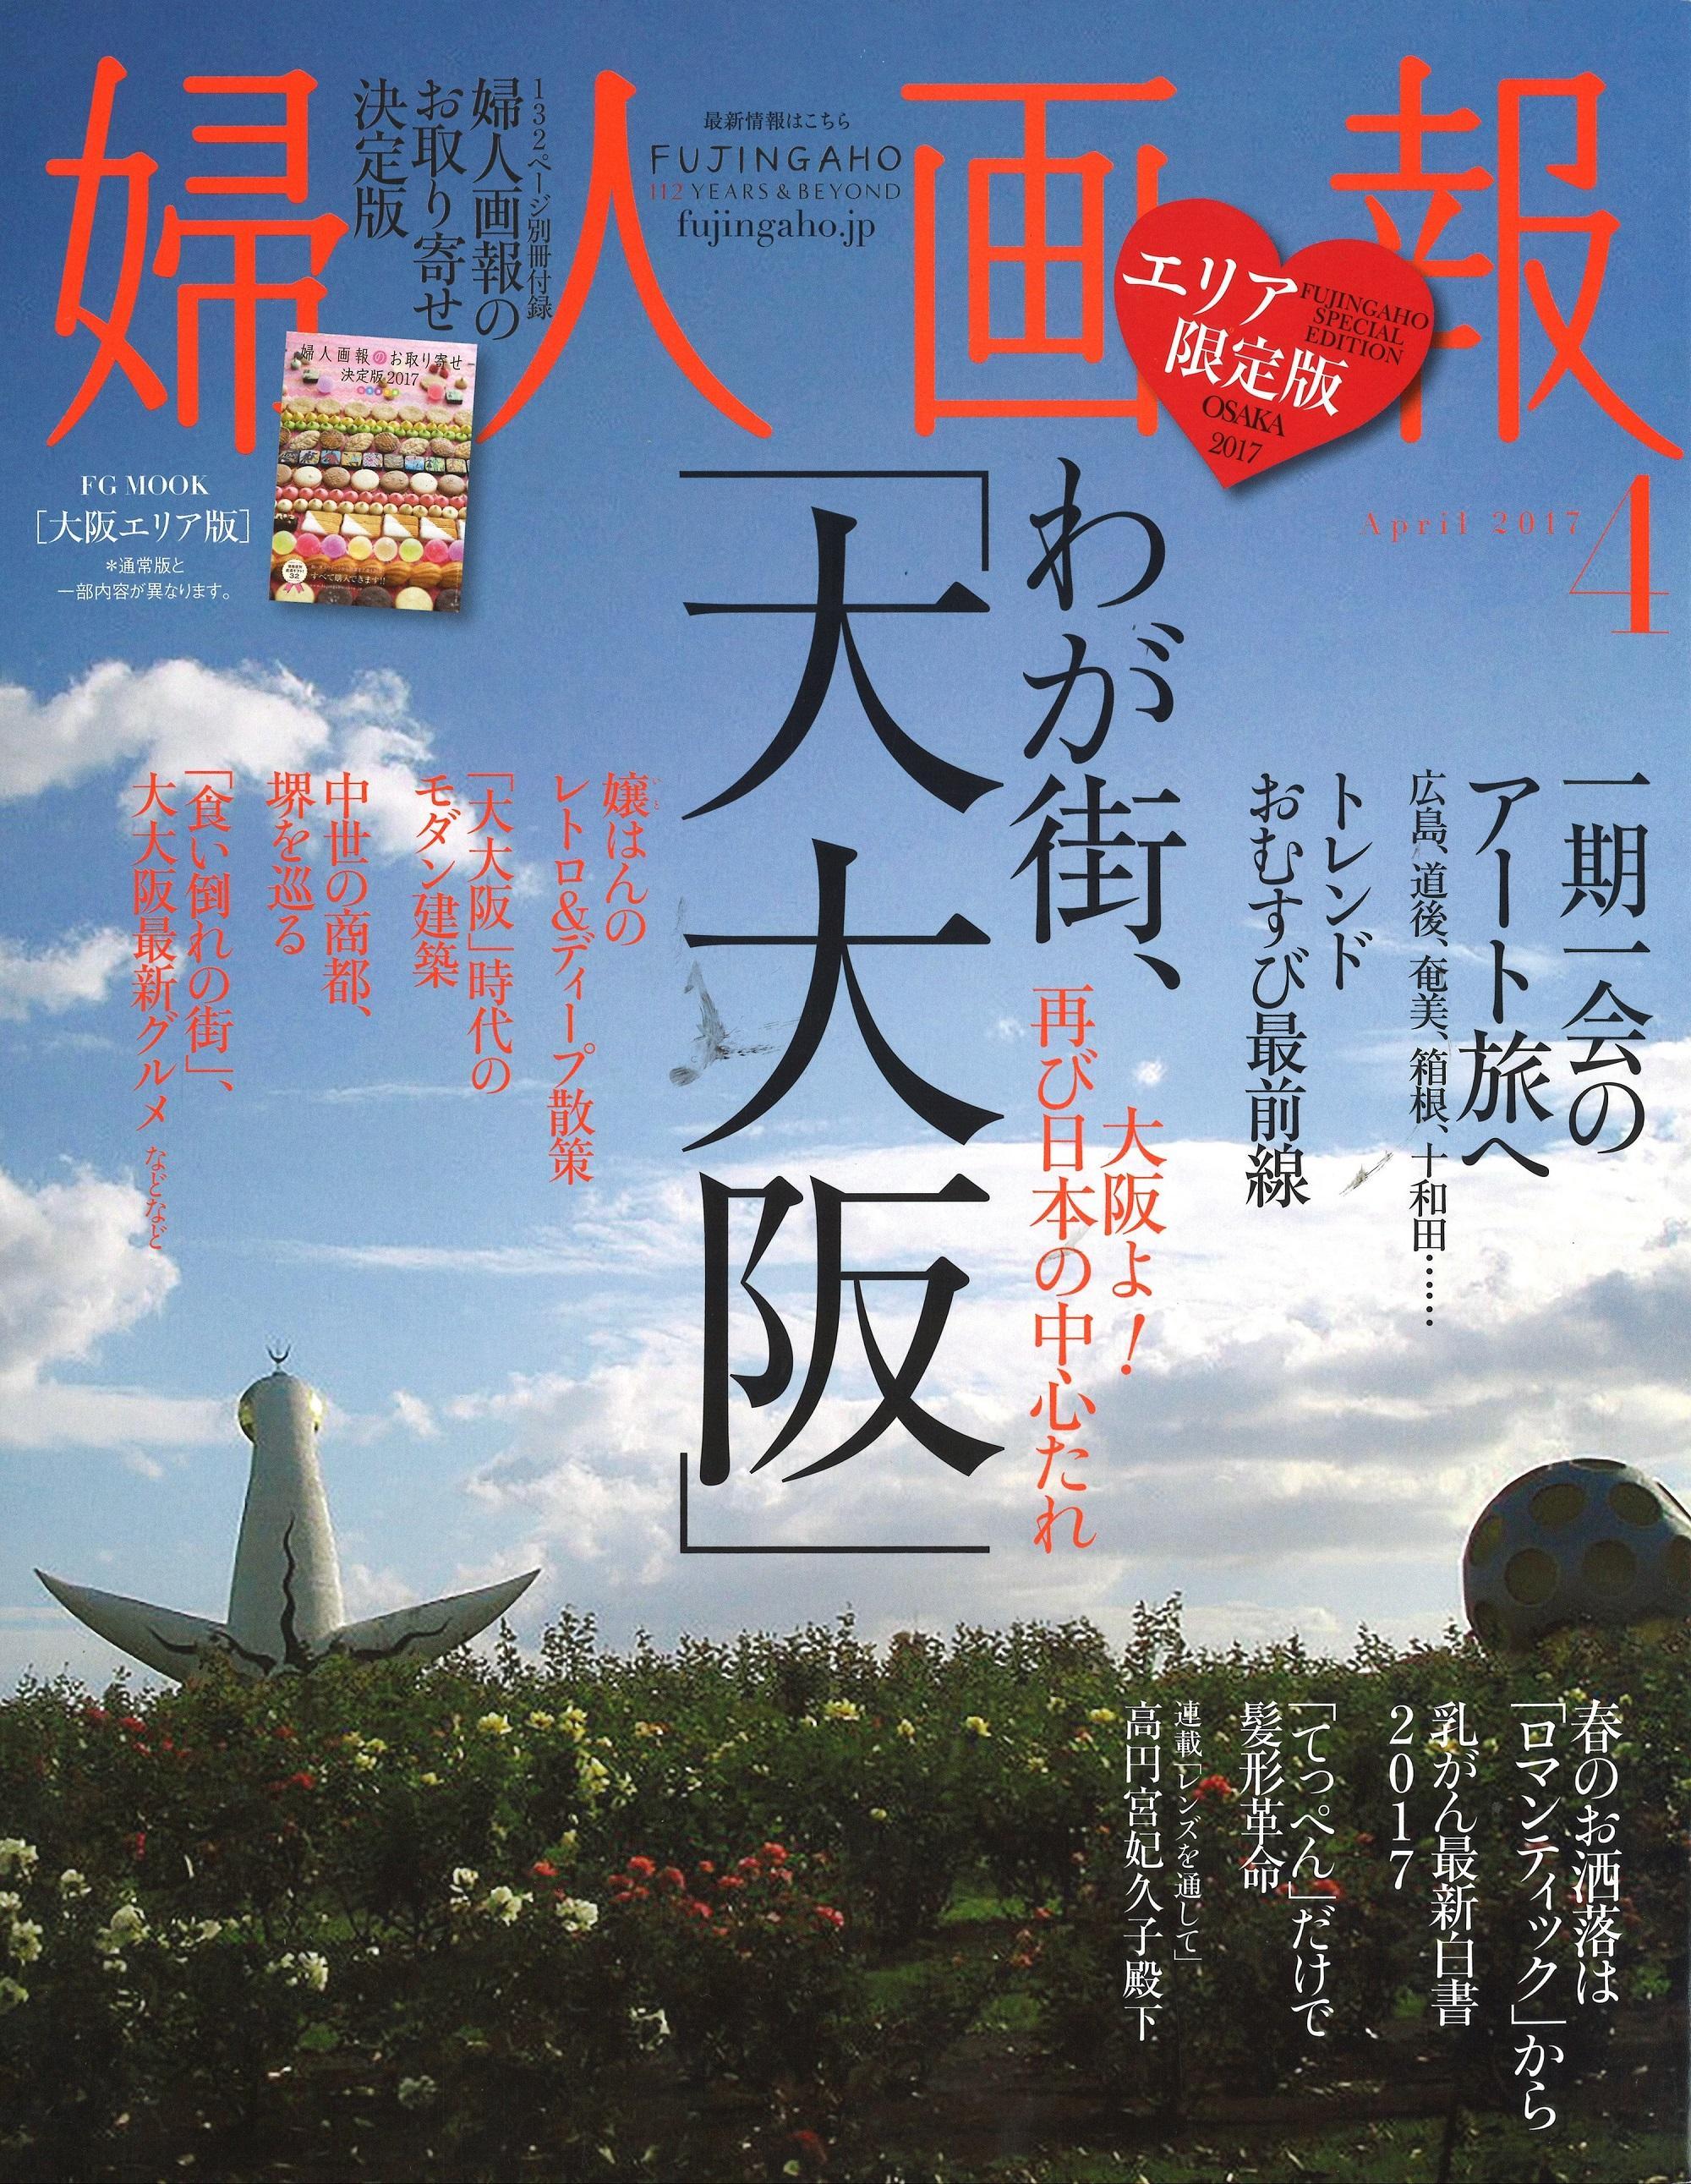 2017/2/28発売の婦人画報・大阪エリア限定版で、大阪・梅田にあるシャンデリアテーブルが紹介されました。